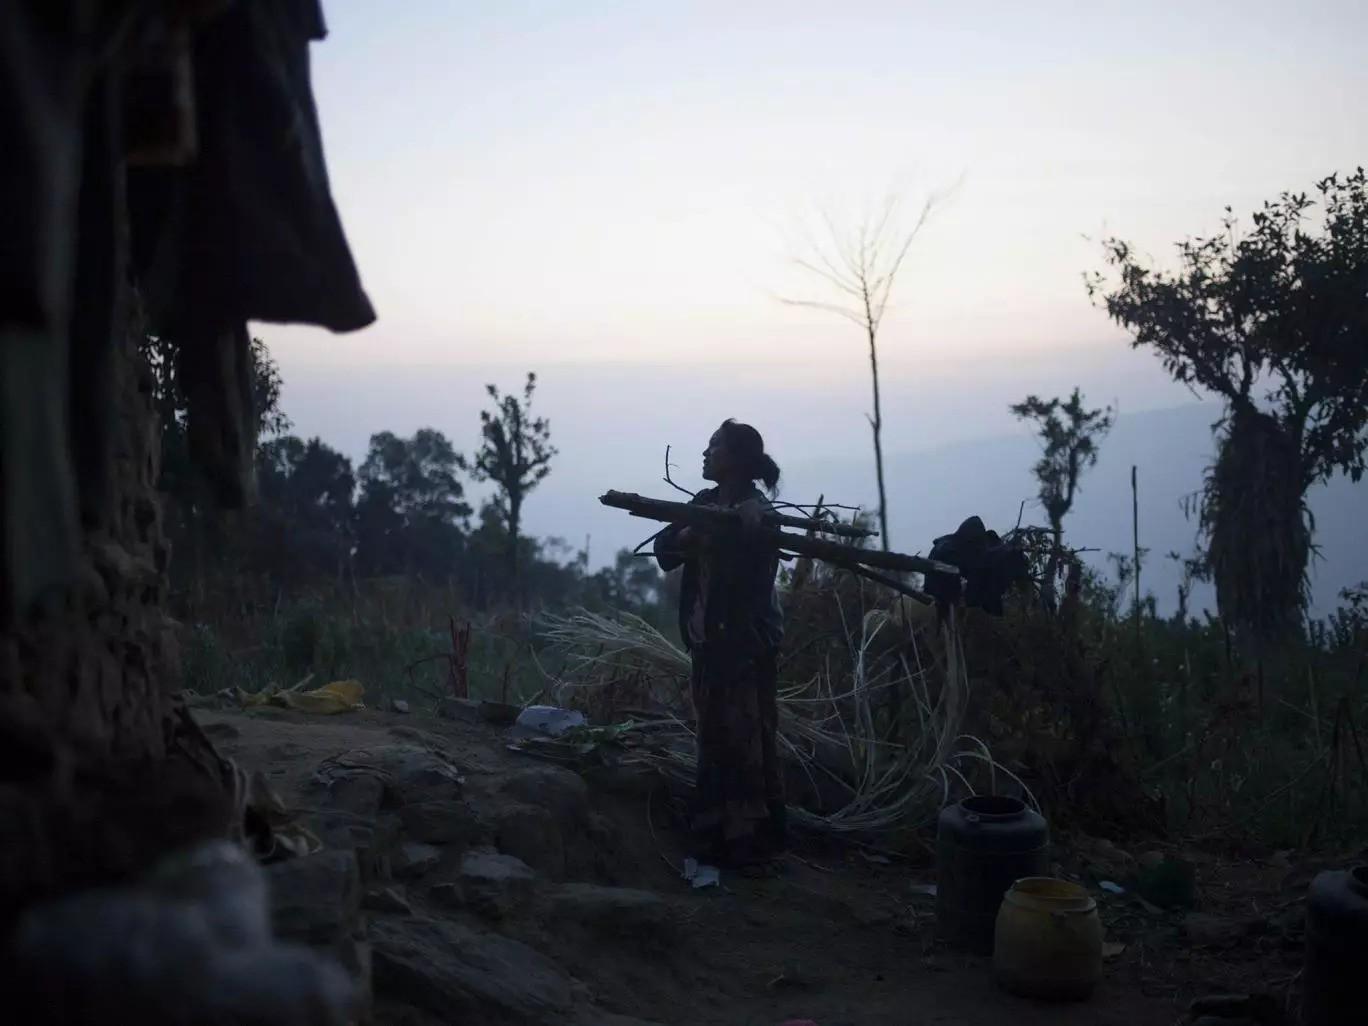 """Cơn ác mộng của phụ nữ Nepal khi tới ngày """"đèn đỏ: Phải rời khỏi nhà, ngủ ở những túp lều rách rưới, dễ bị kẻ xấu và thú dữ đoạt mạng - Ảnh 4."""